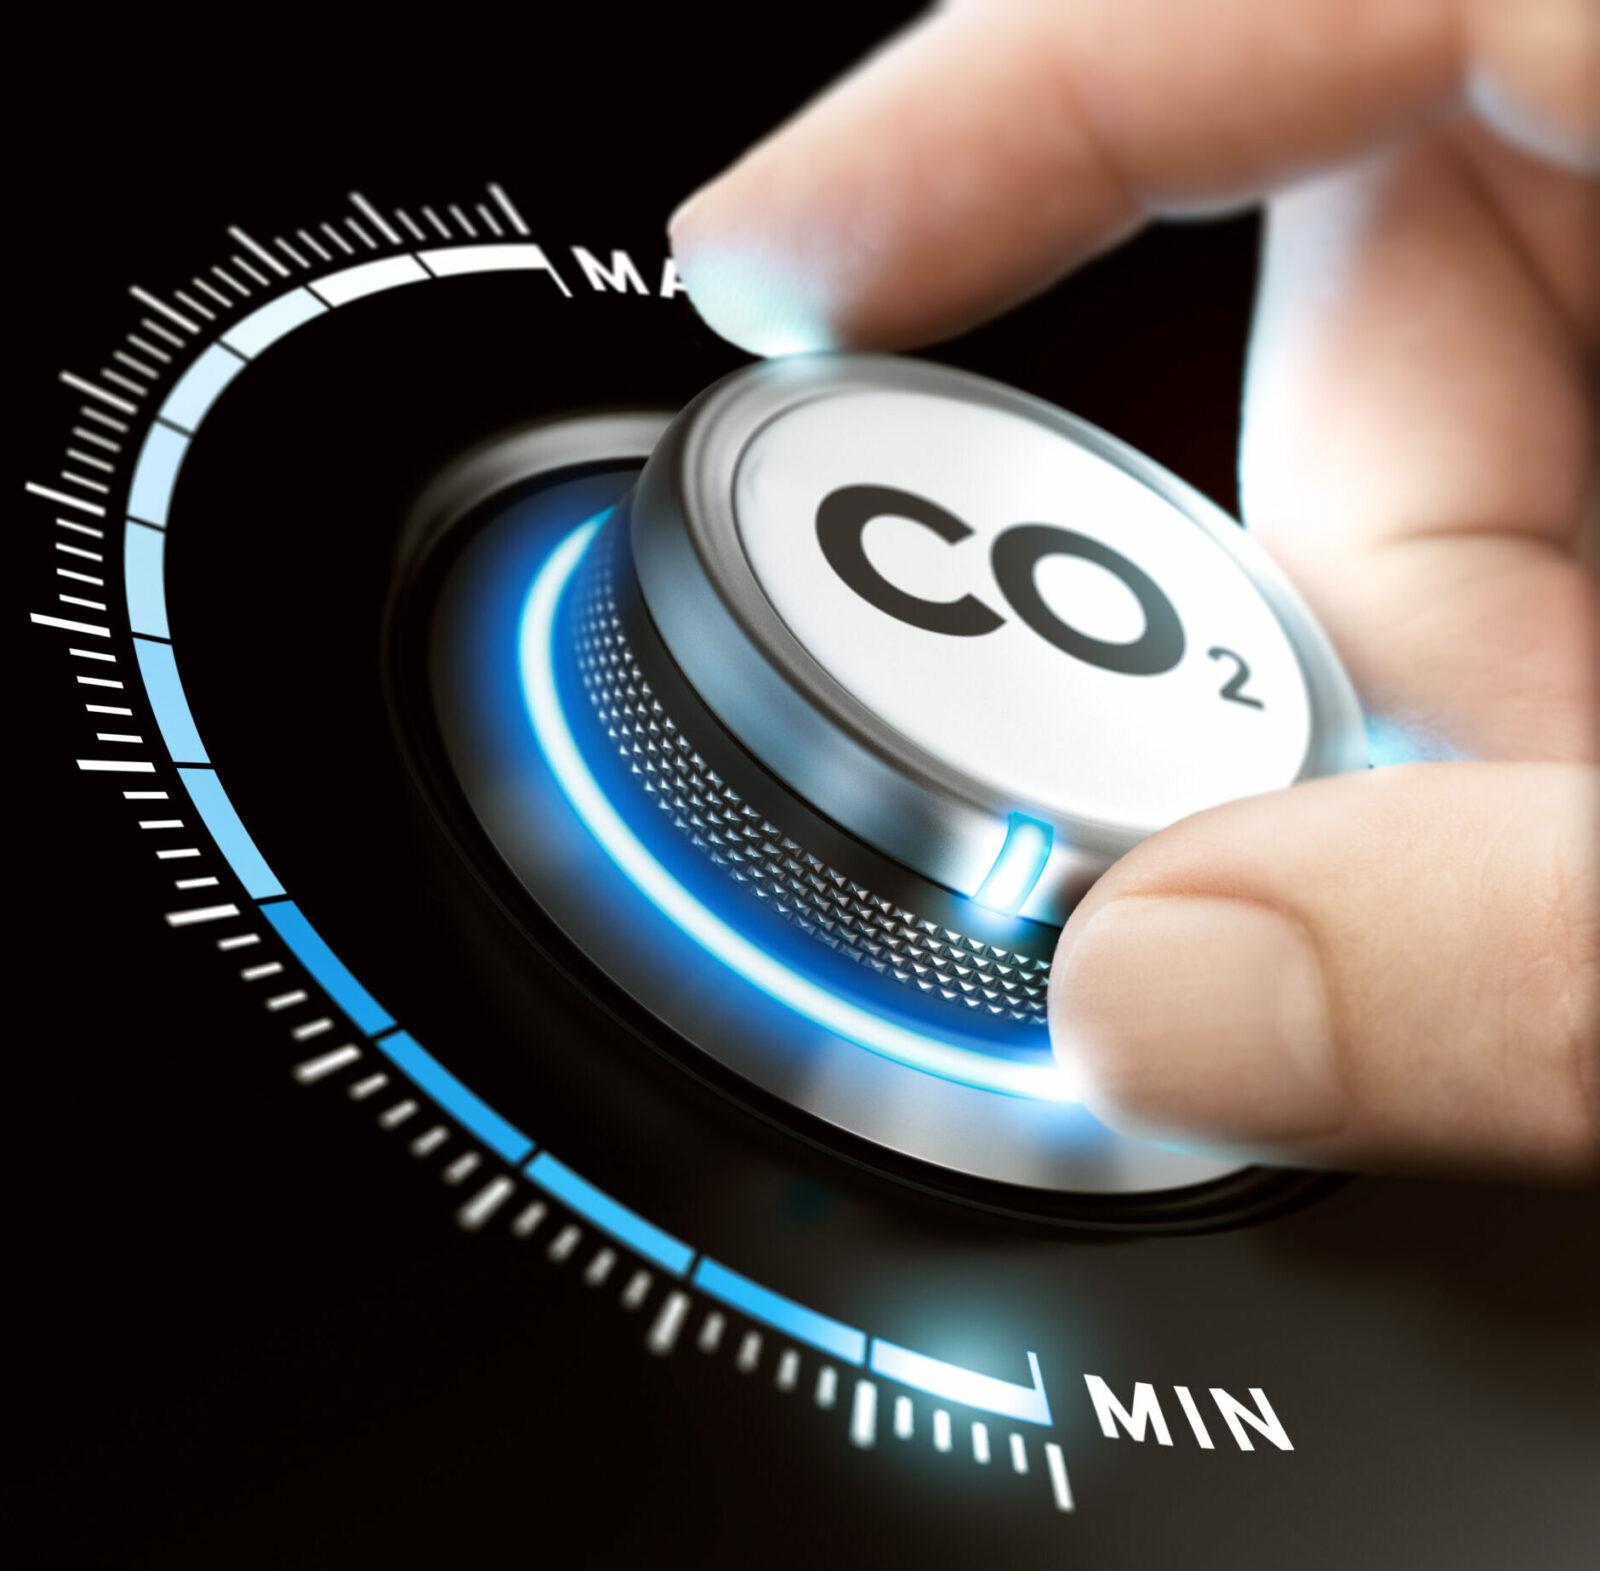 Taglio alle emissioni di CO2